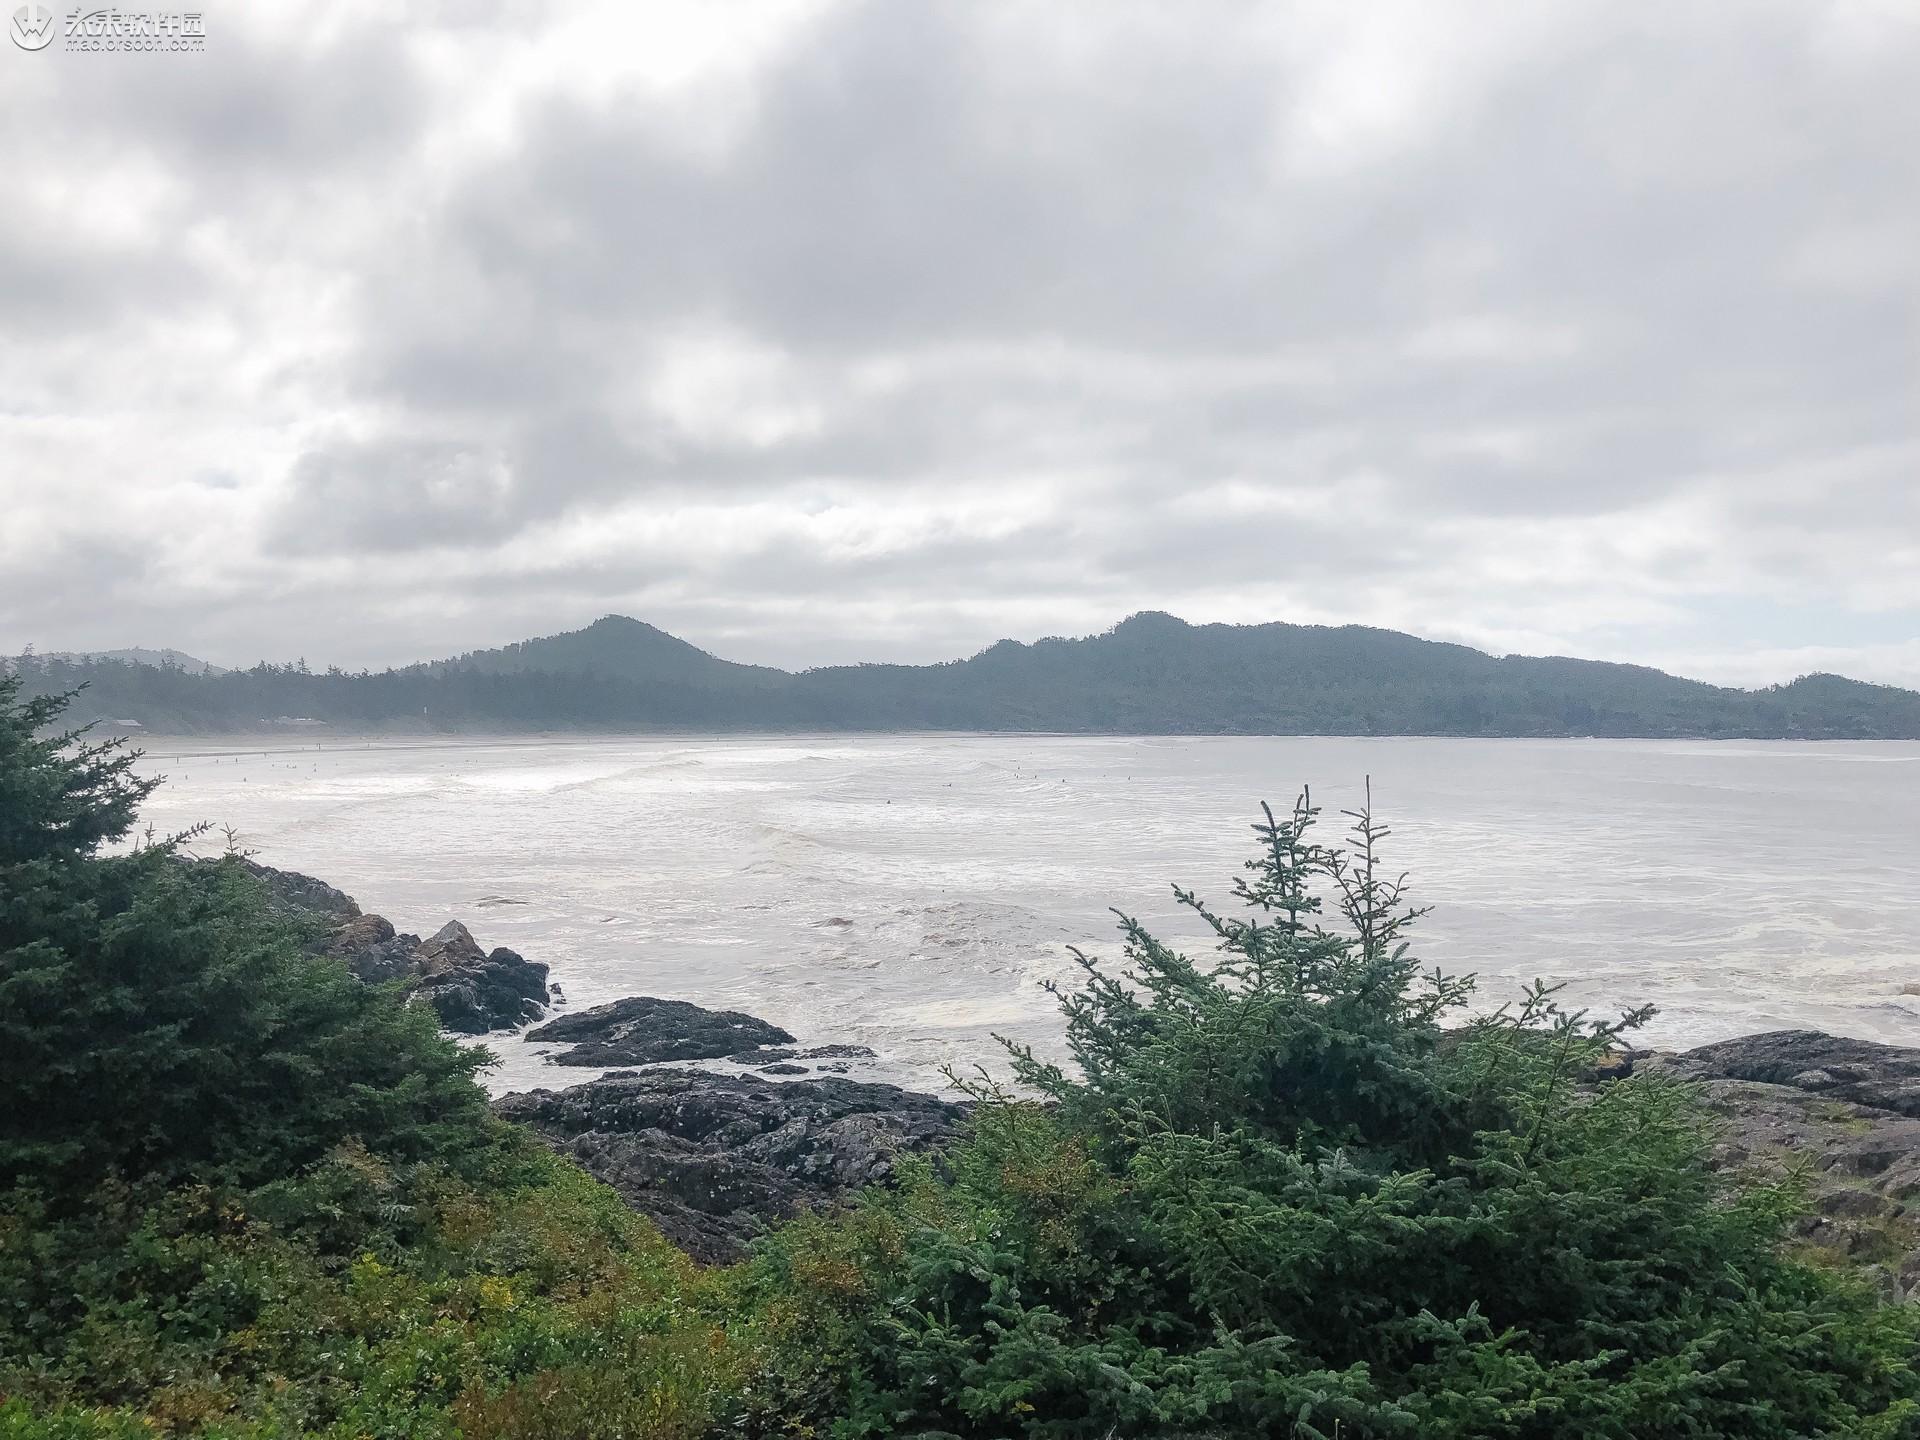 海边美丽风景高清Mac动态壁纸